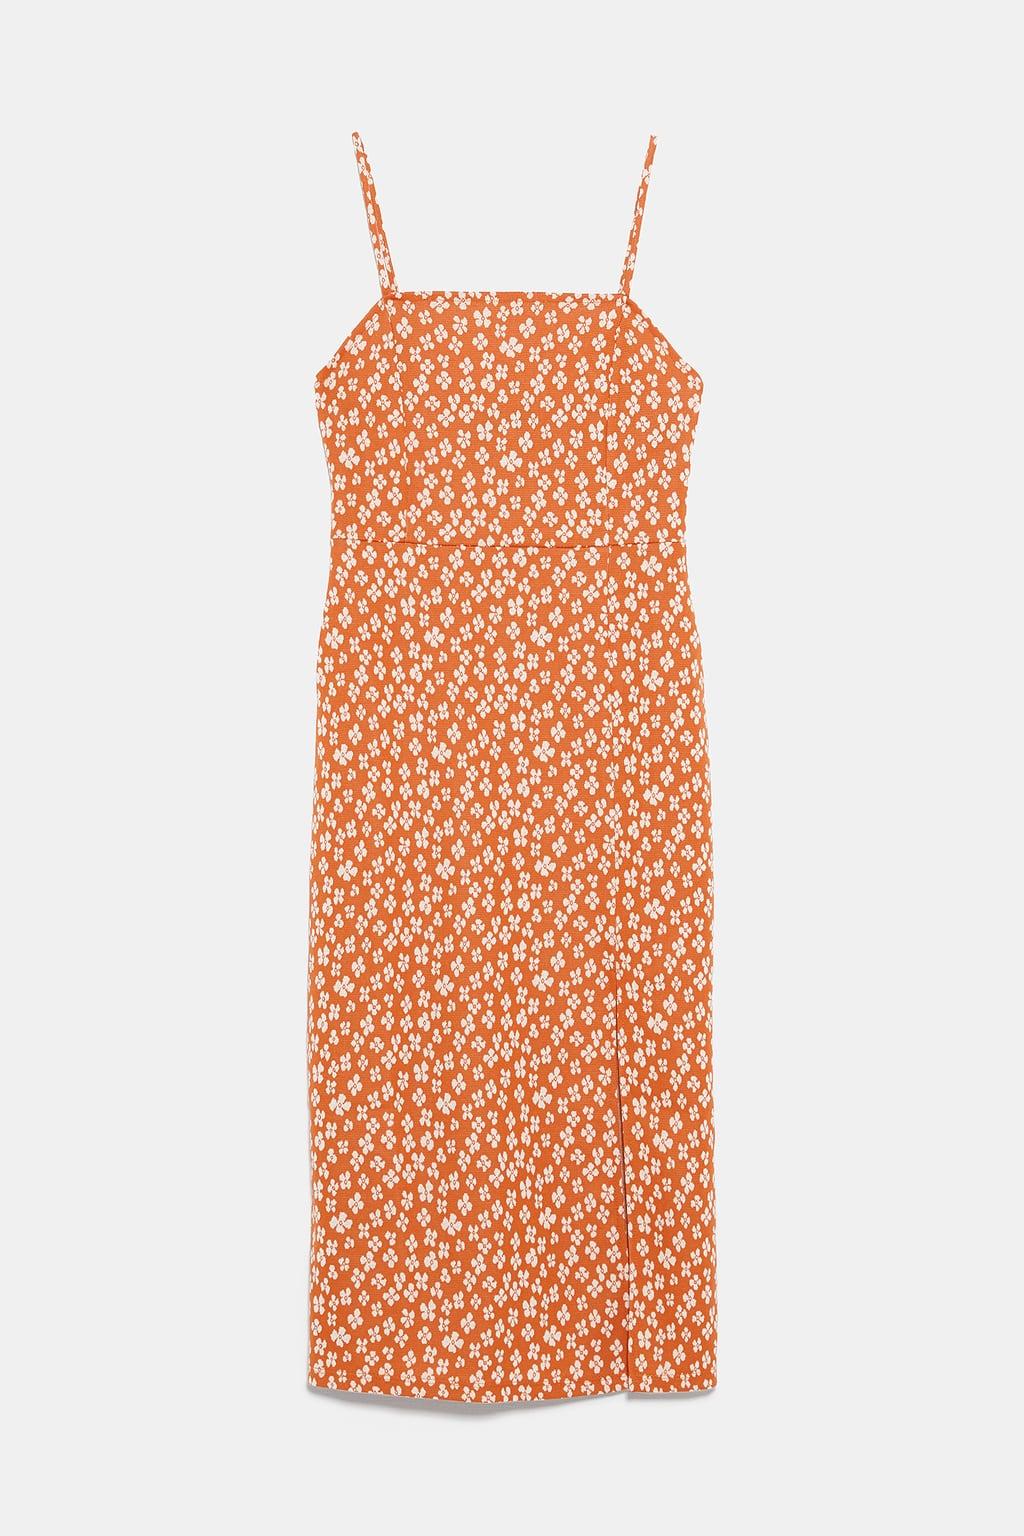 Donde comprar calidad superior selección asombrosa Zara: 8 irresistibles vestidos de nueva temporada a precios ...